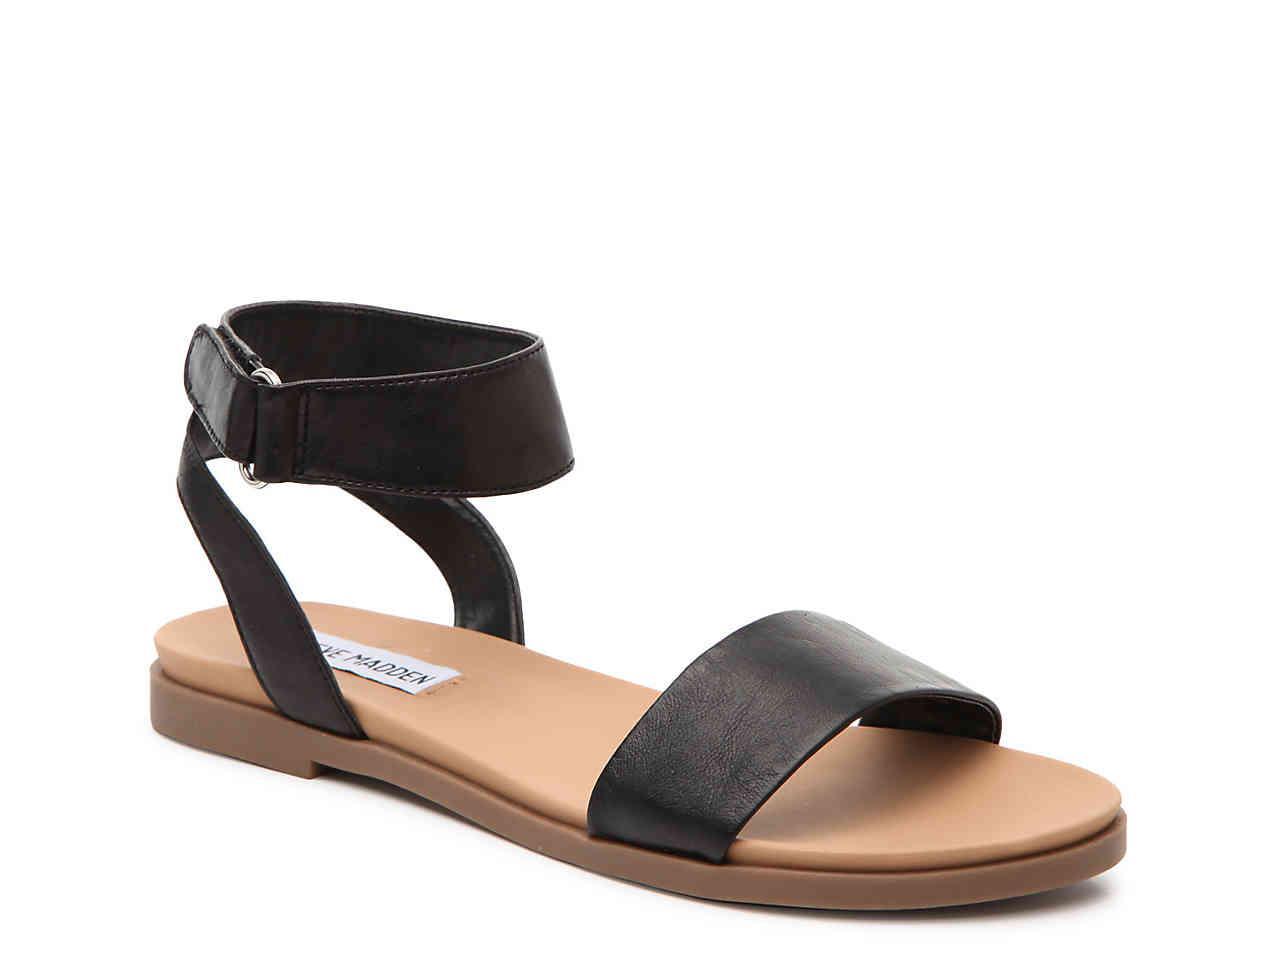 0d1e5250c01 Lyst - Steve Madden Meghan Flat Sandal in Black